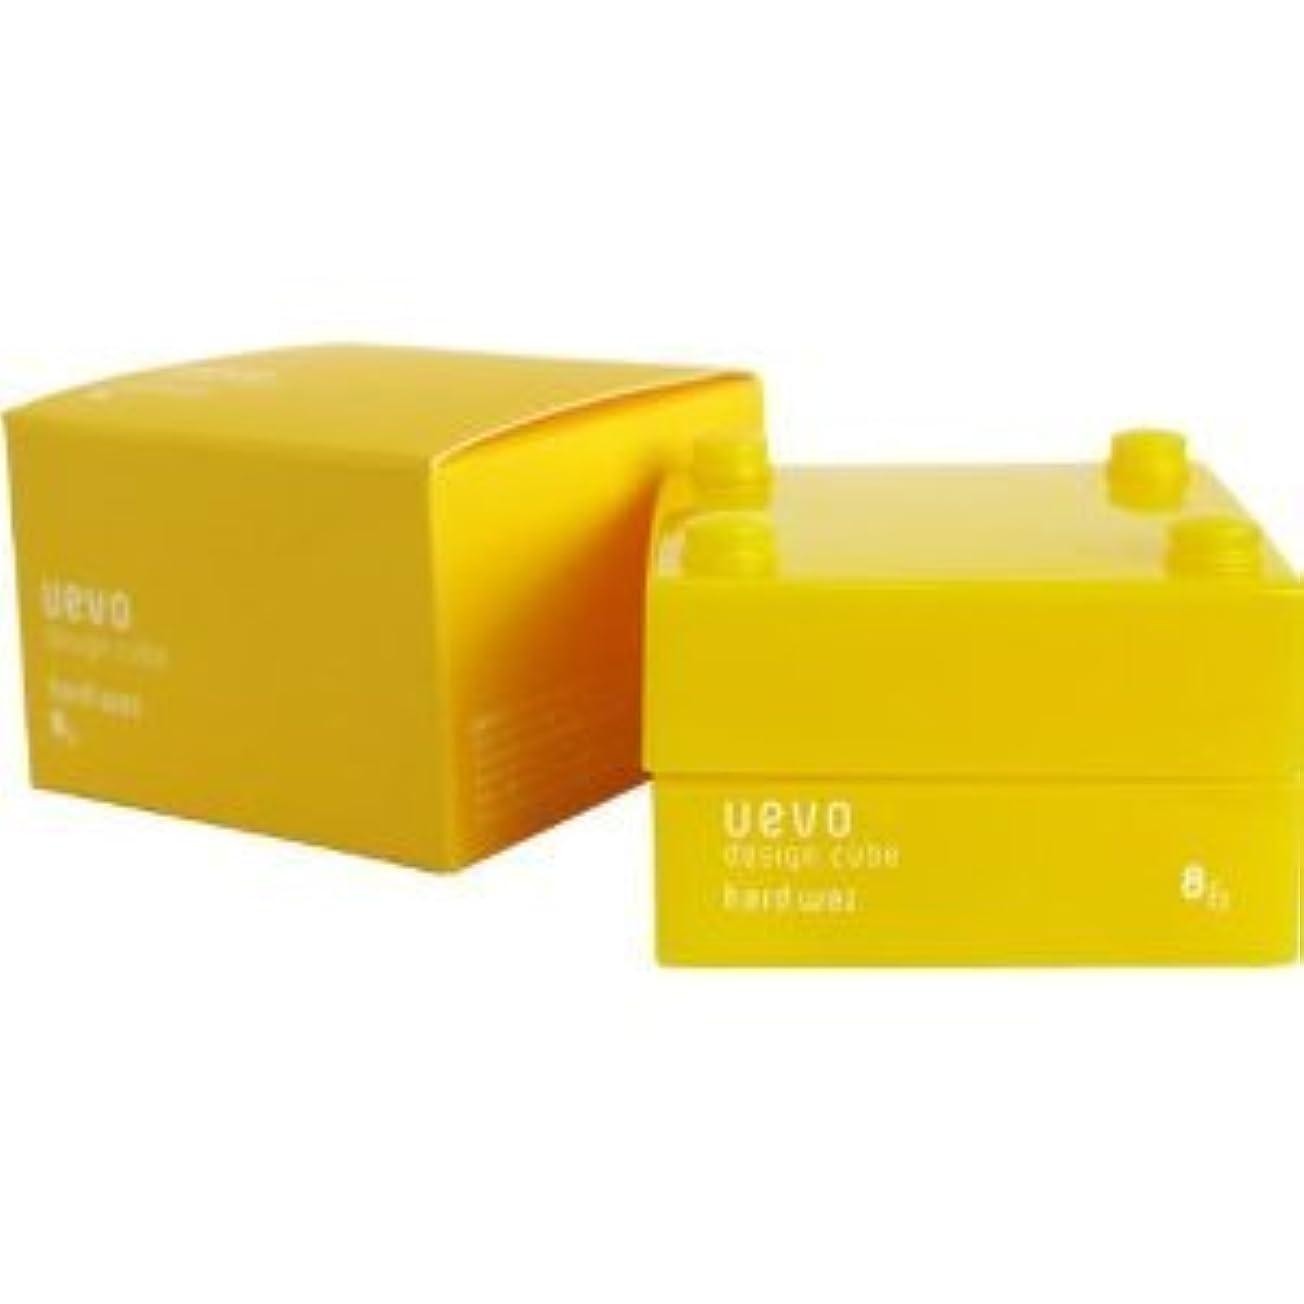 抜粋代替ヒステリック【X2個セット】 デミ ウェーボ デザインキューブ ハードワックス 30g hard wax DEMI uevo design cube